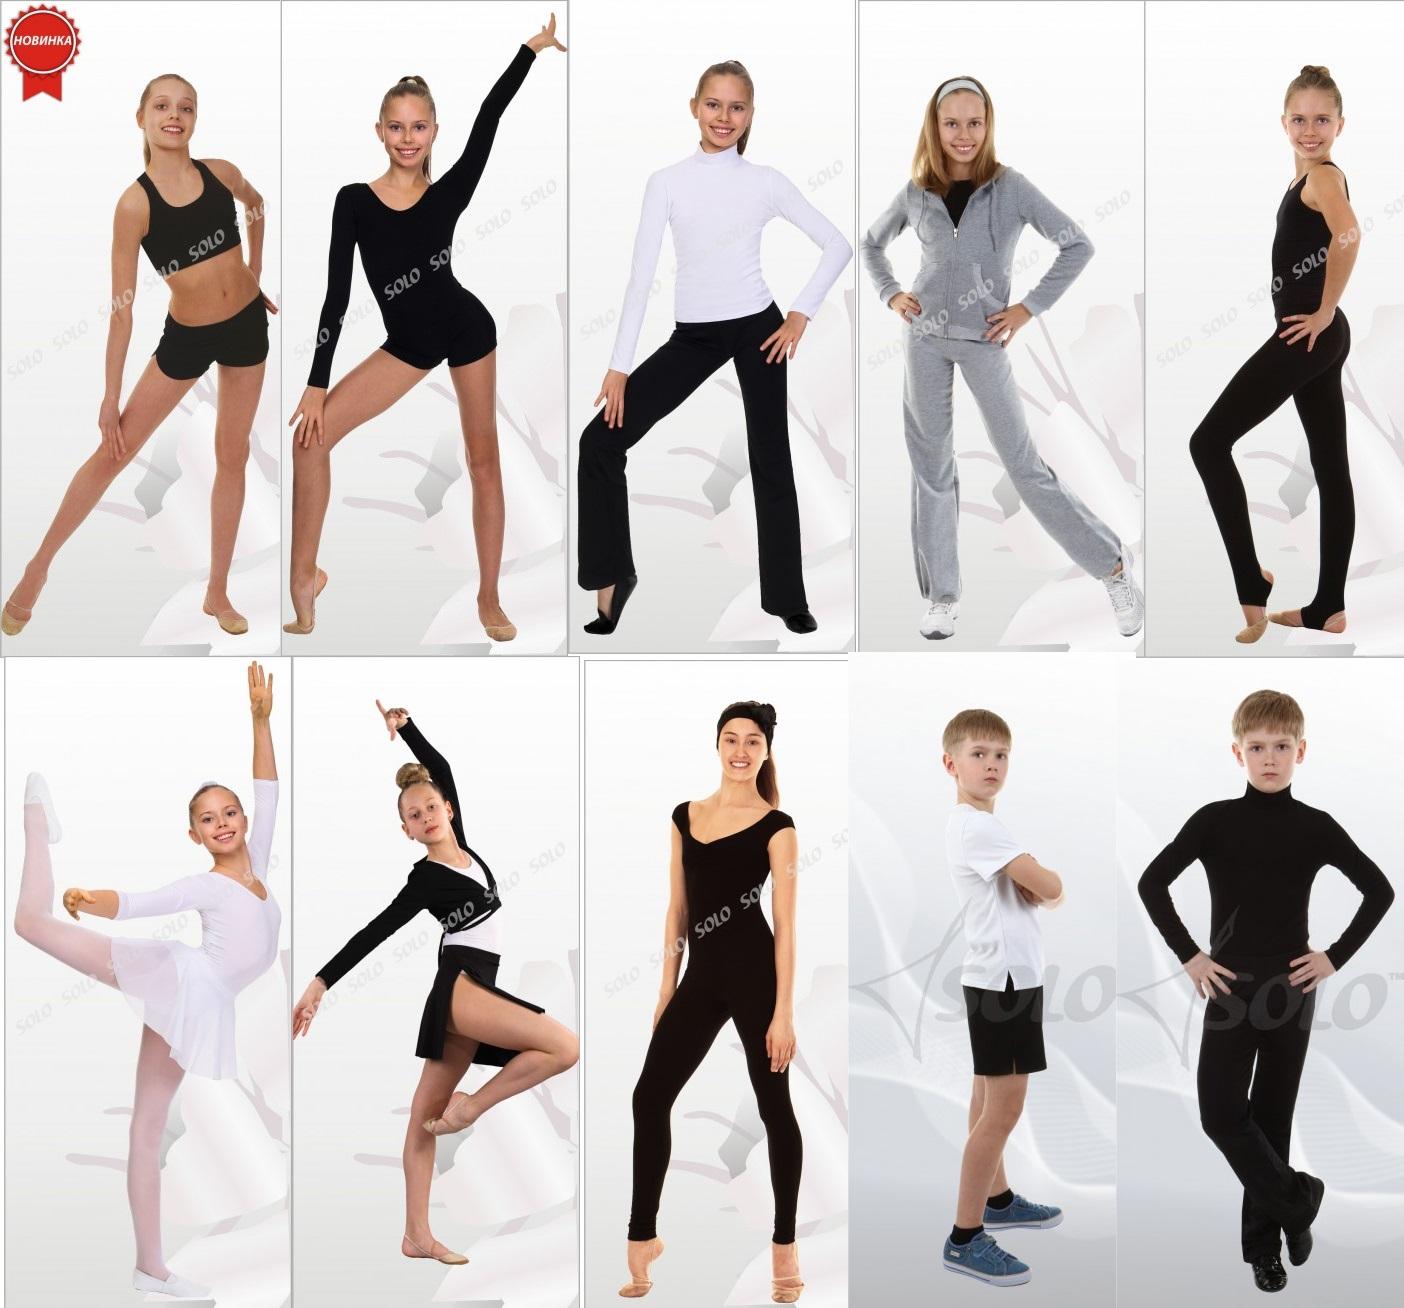 Спортивная одежда - 27. Одежда для гимнастики, хореографии и балета. Новинка - обувь для гимнастики и танцев. Чехлы на предметы для гимнастики. Размерный ряд с 28 по 50. Без рядов!